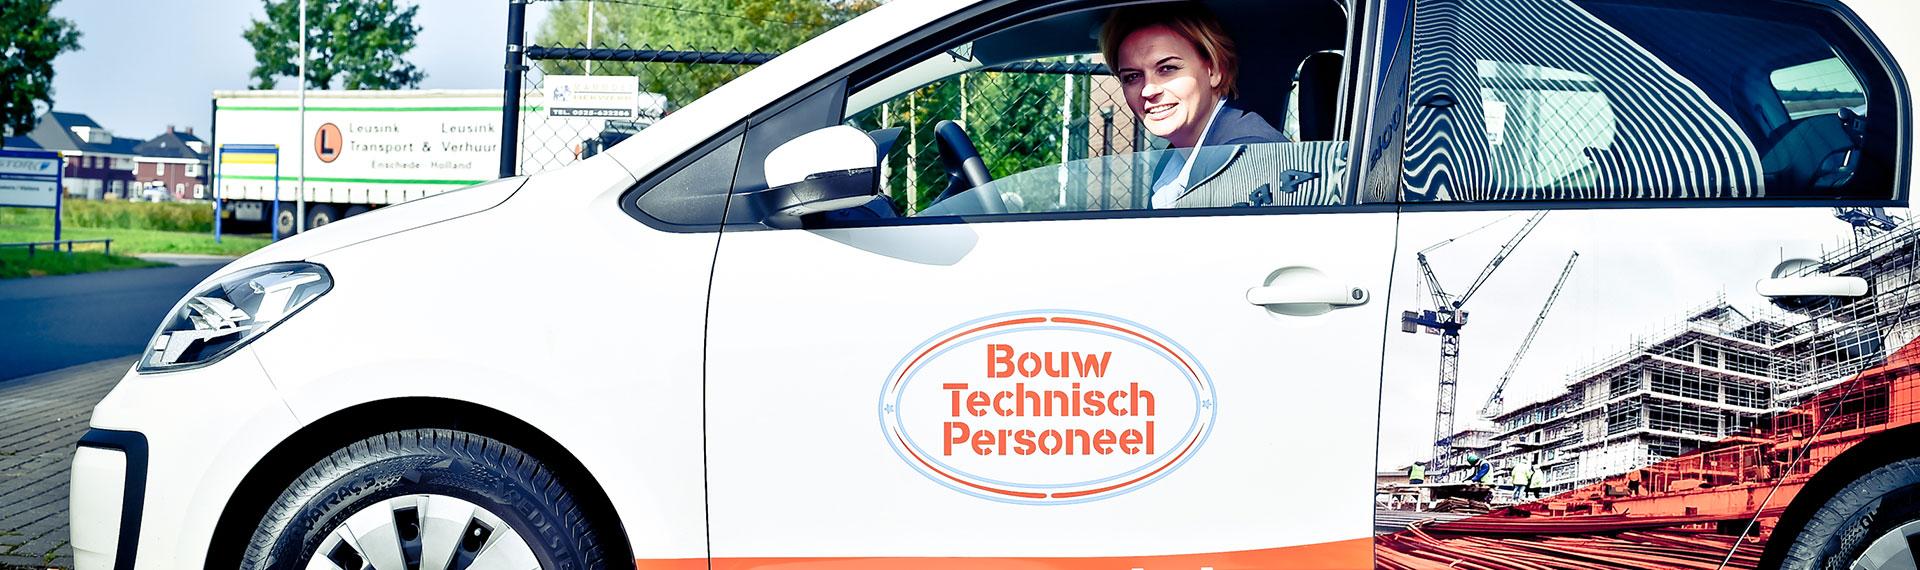 Team BouwTechnisch Personeel